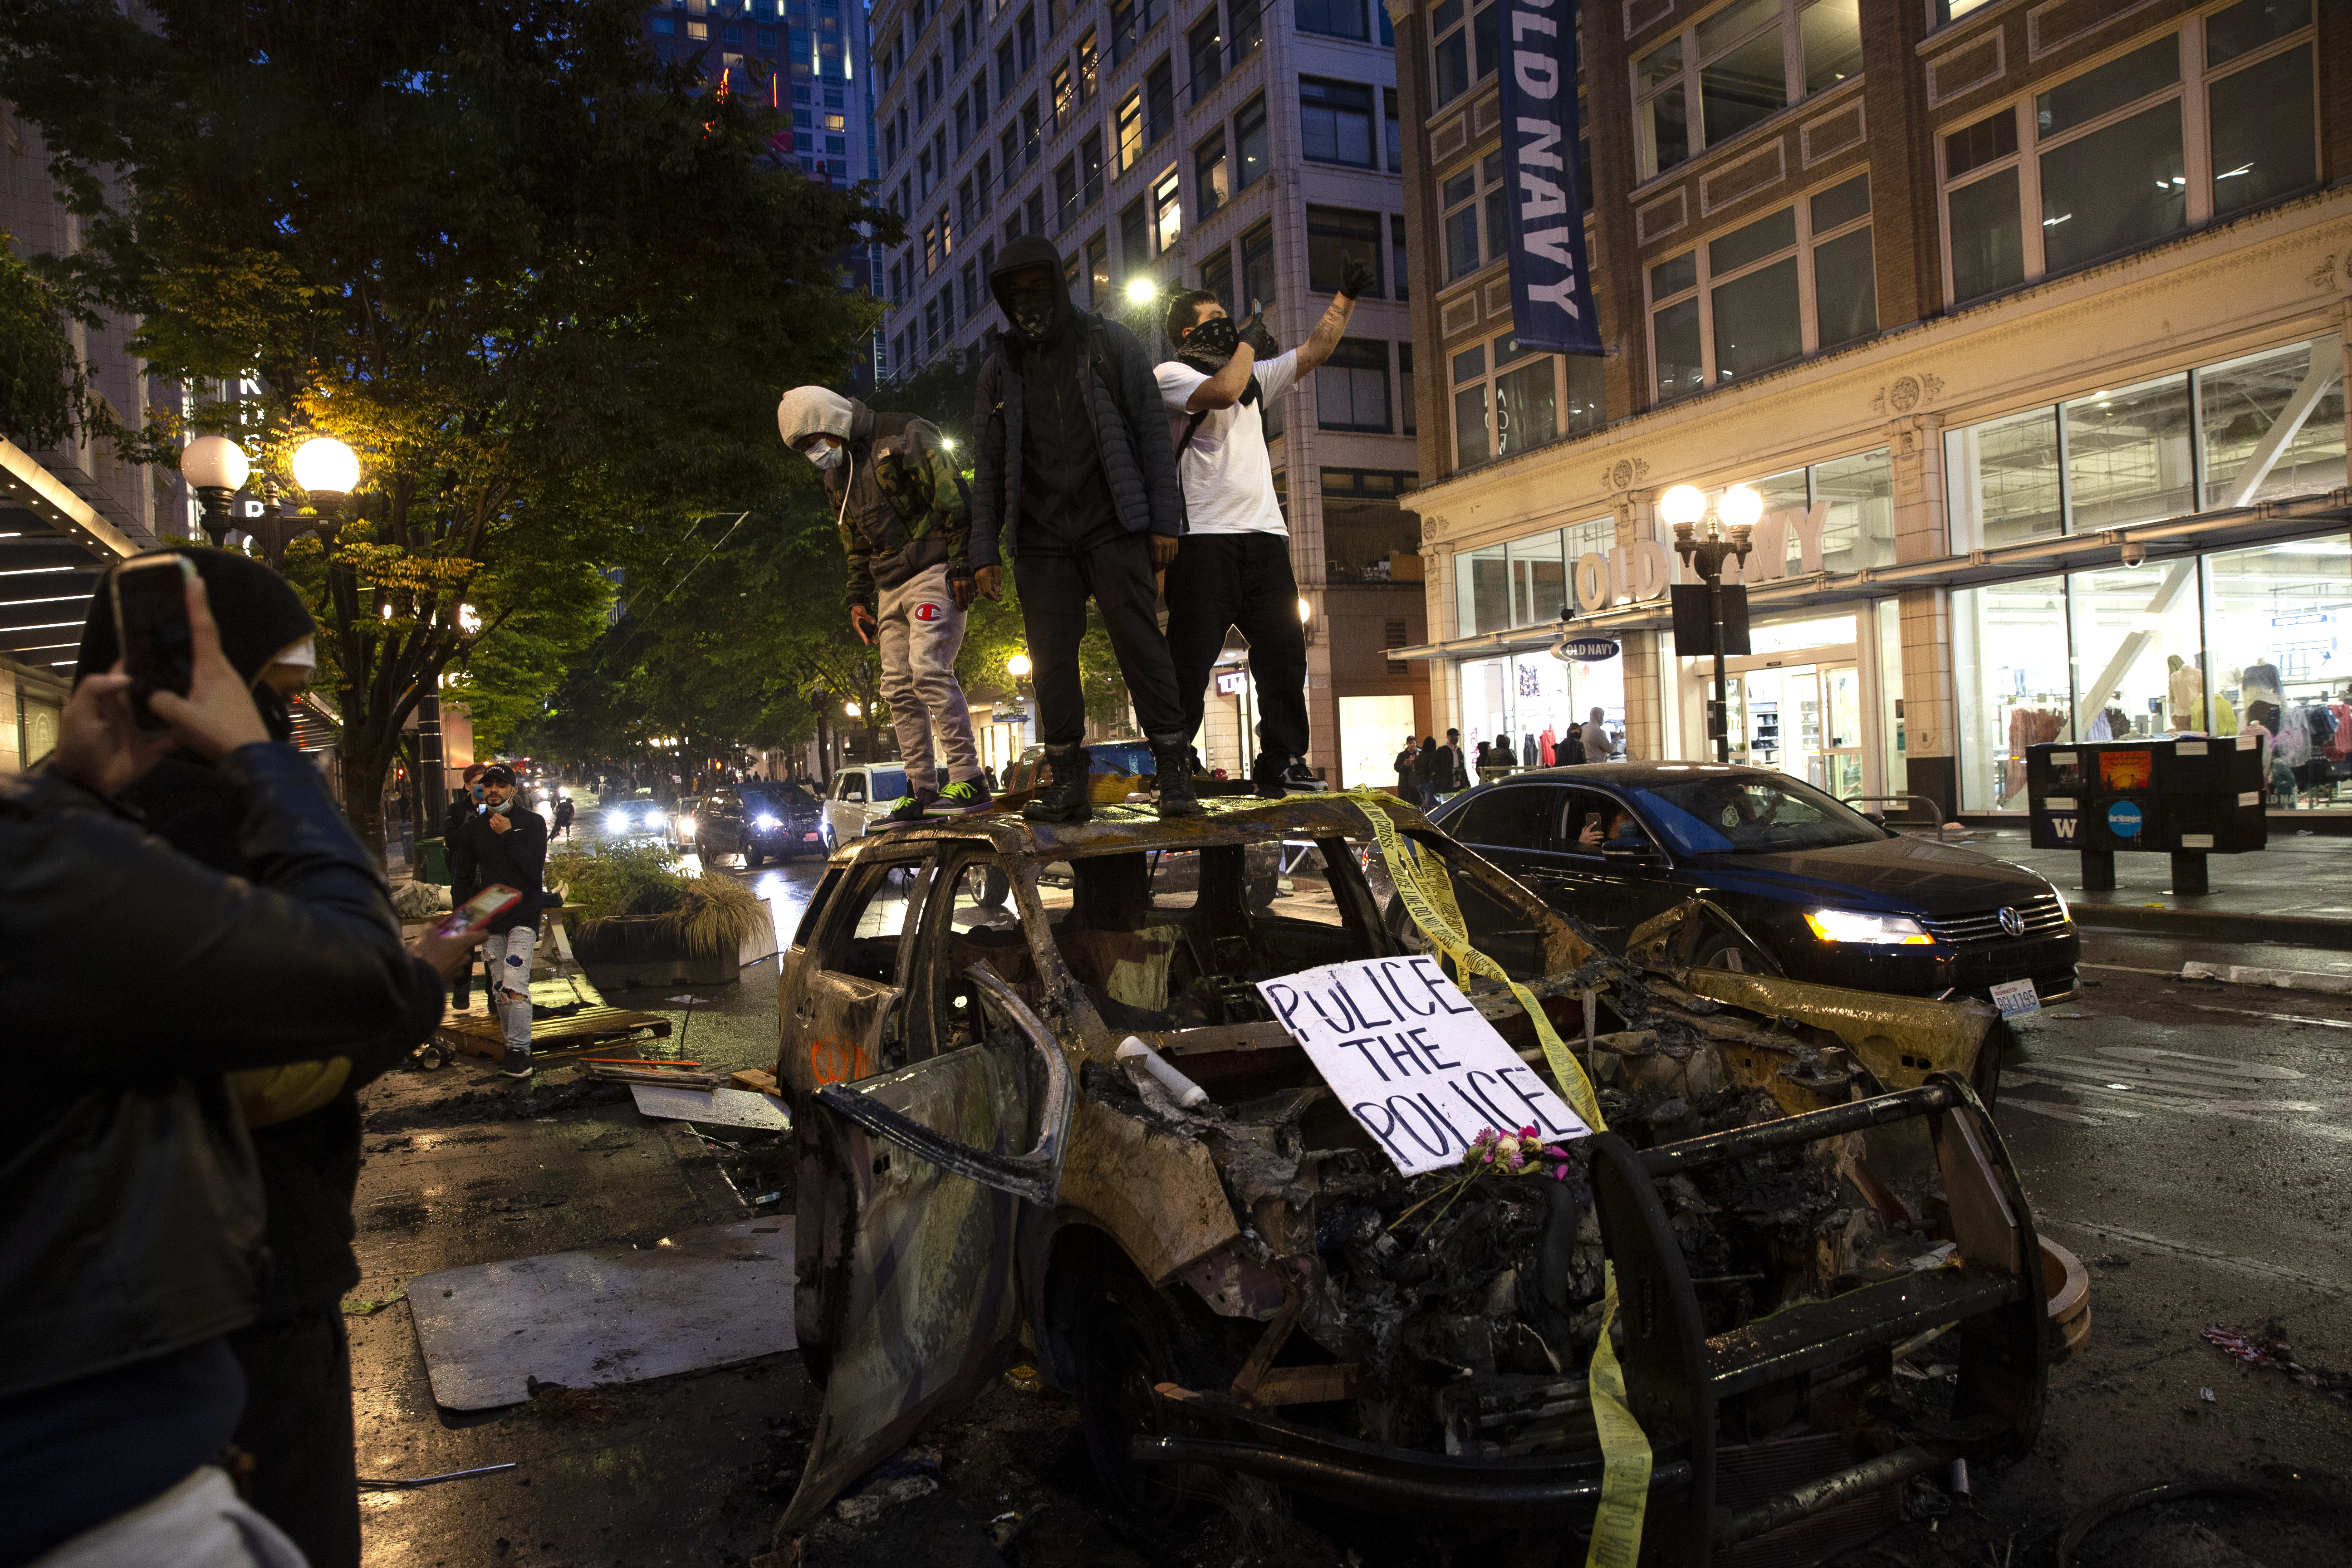 圖為2020年5月30日在華盛頓州西雅圖市,部份示威者在一場和平集會結束後在街頭暴動,表達對明州黑人喬治·弗洛伊德之死的憤怒。(Karen Ducey/Getty Images)